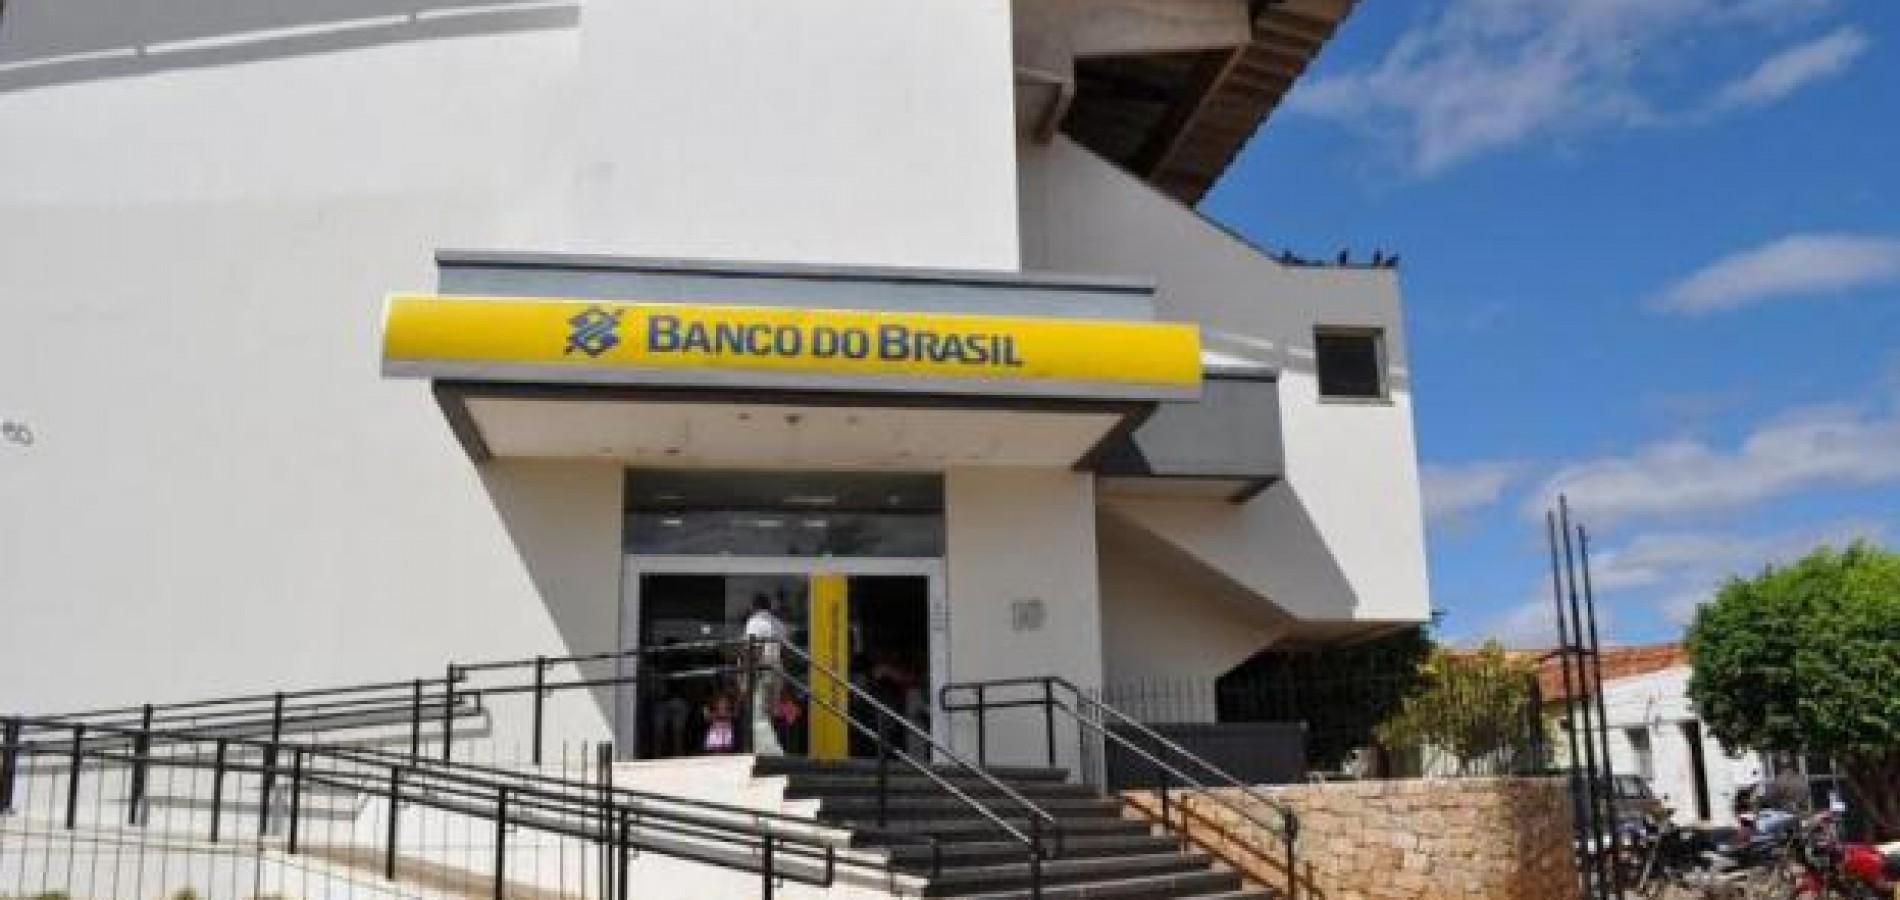 Clientes Reclamam De Atendimento No Banco Do Brasil Em Simpl Cio Mendesclientes Reclamam De